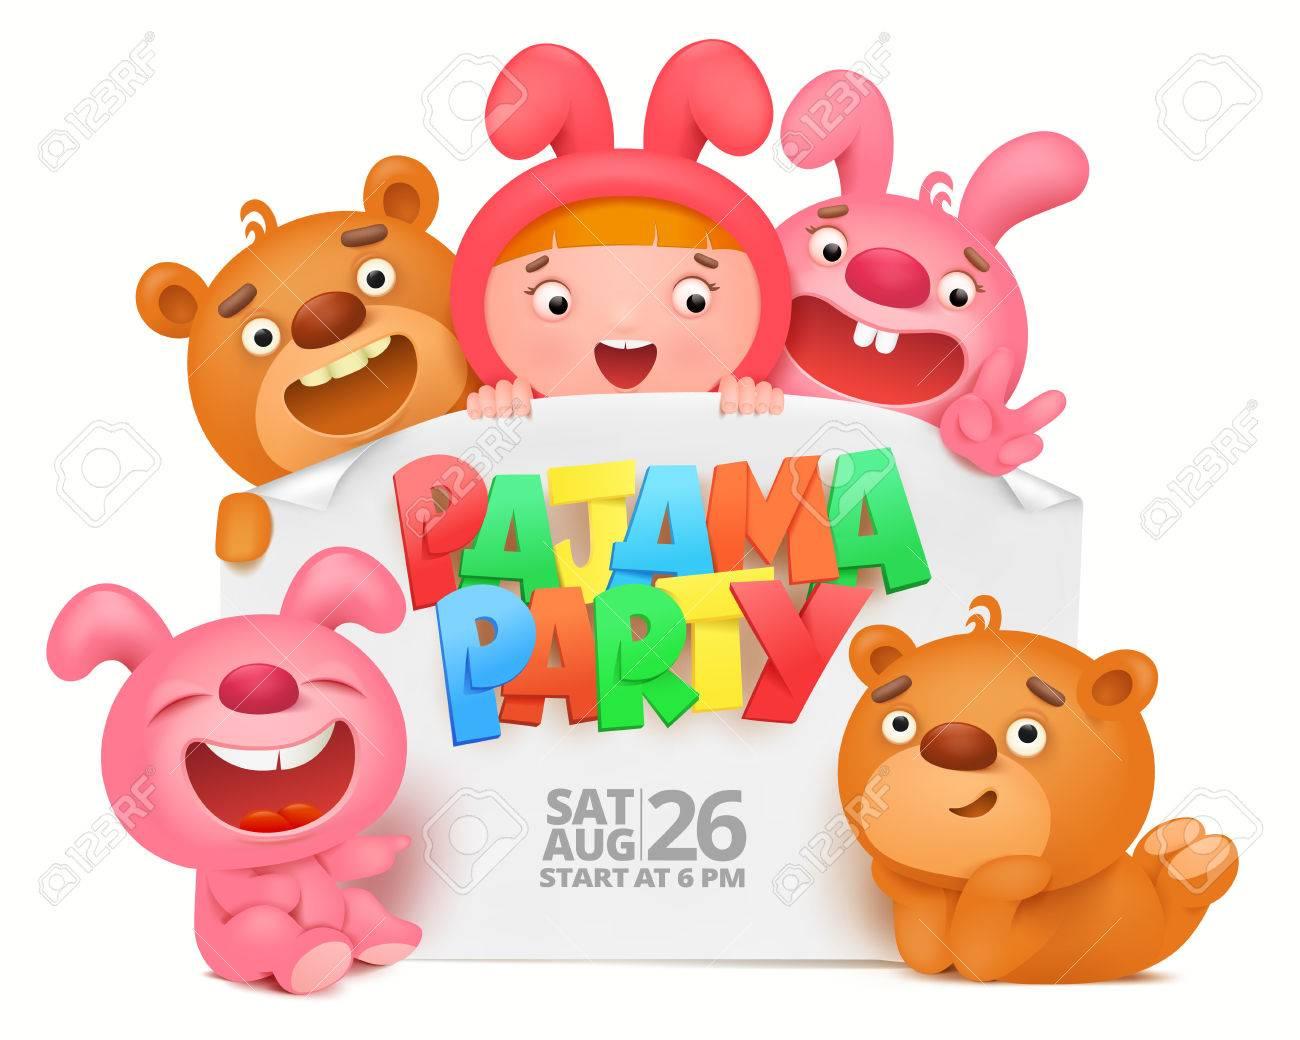 Carte D Invitation De Soirée Pyjama Avec Des Personnages Drôles De Dessin Animé